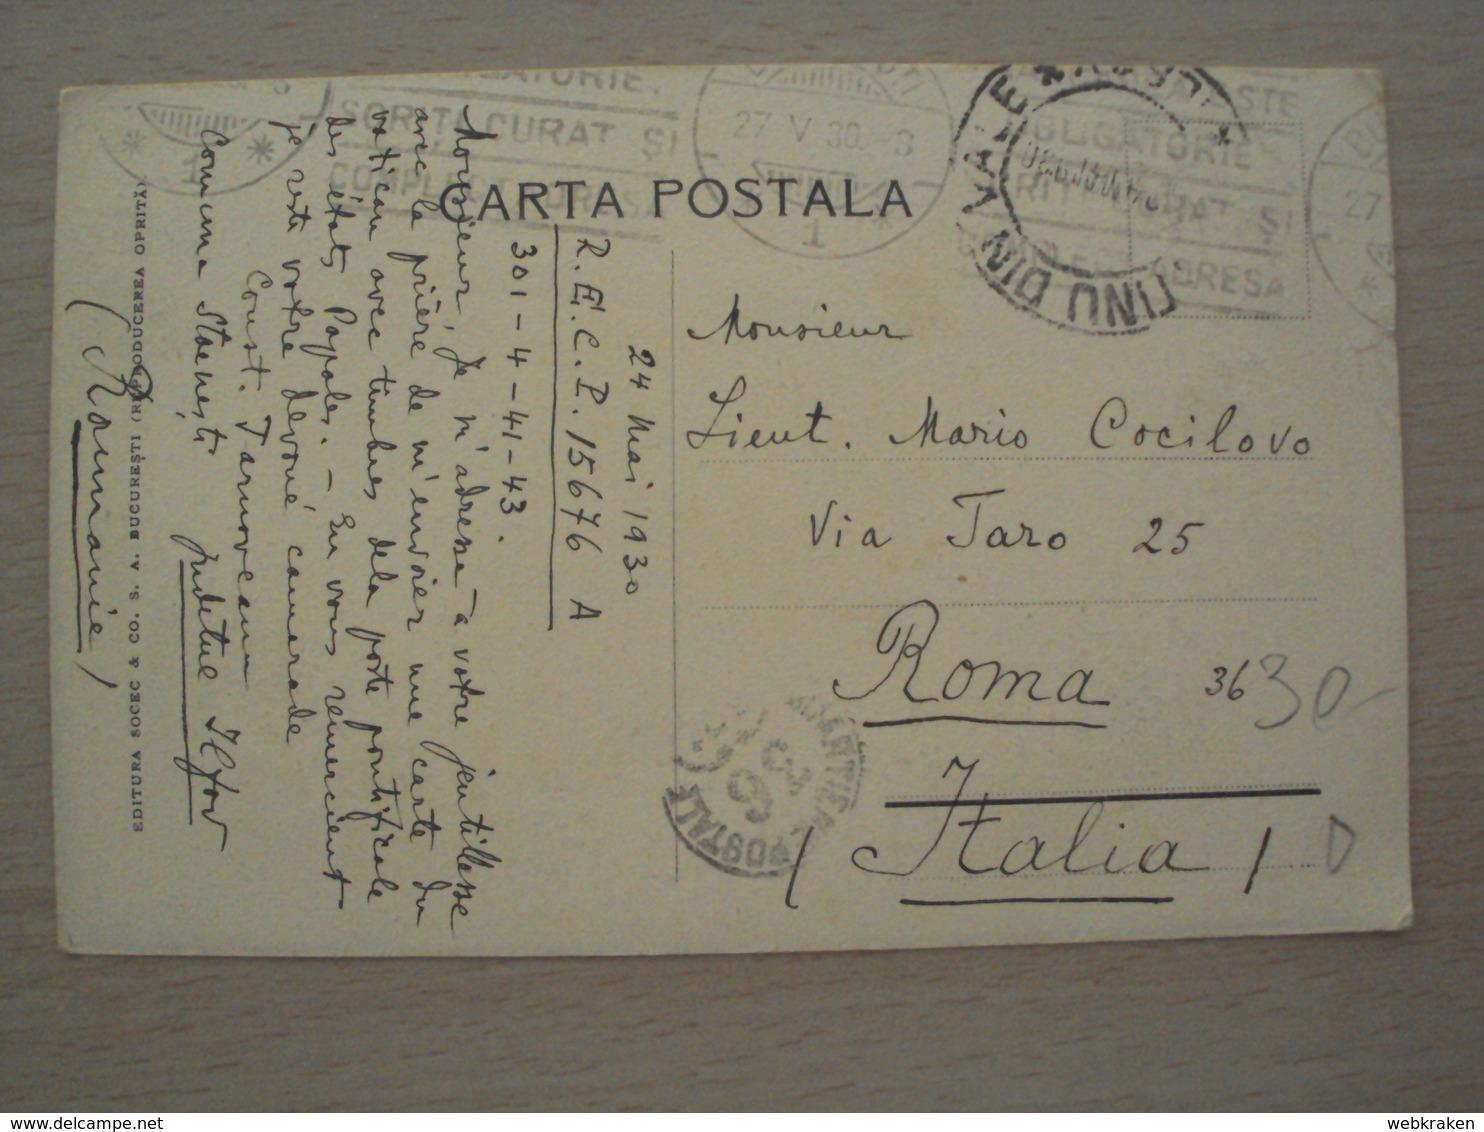 ROMANIA ROMANIE CARTOLINA DA BUCURESTI BUCAREST CON FRANCOBOLLI COMMEMORATIVI STORIA POSTALE - Romania